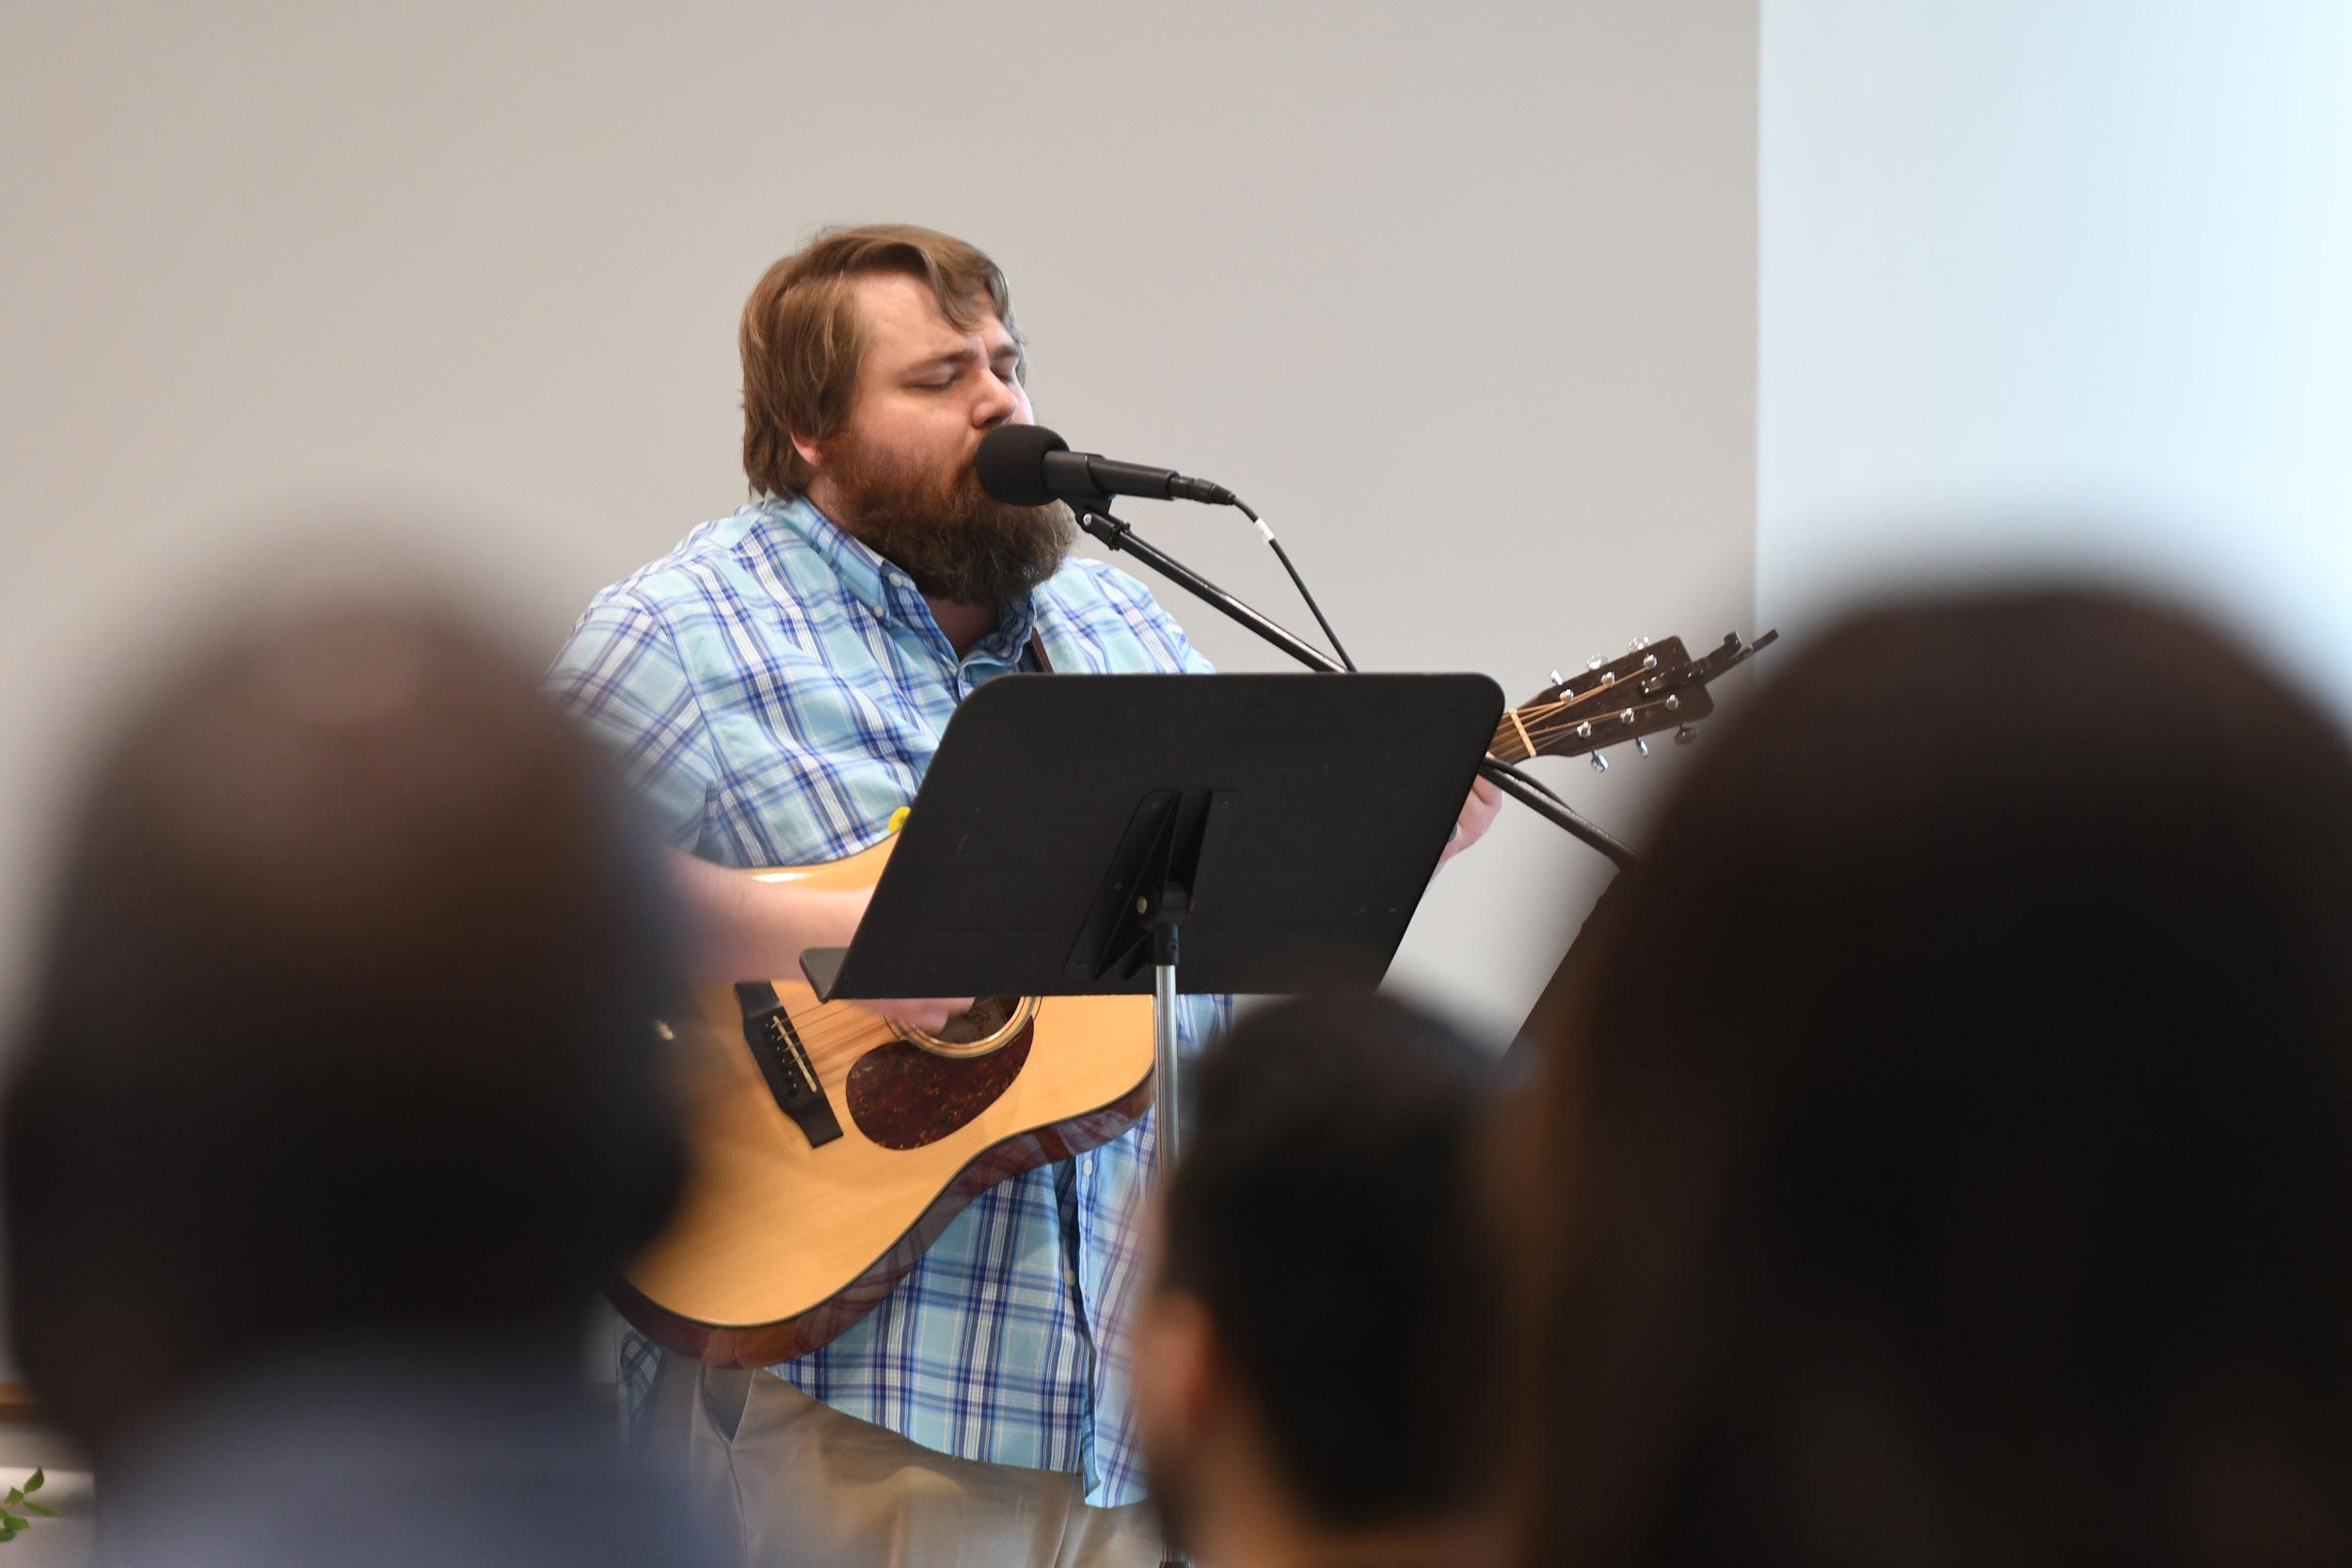 Guitar-led Contemporary Service